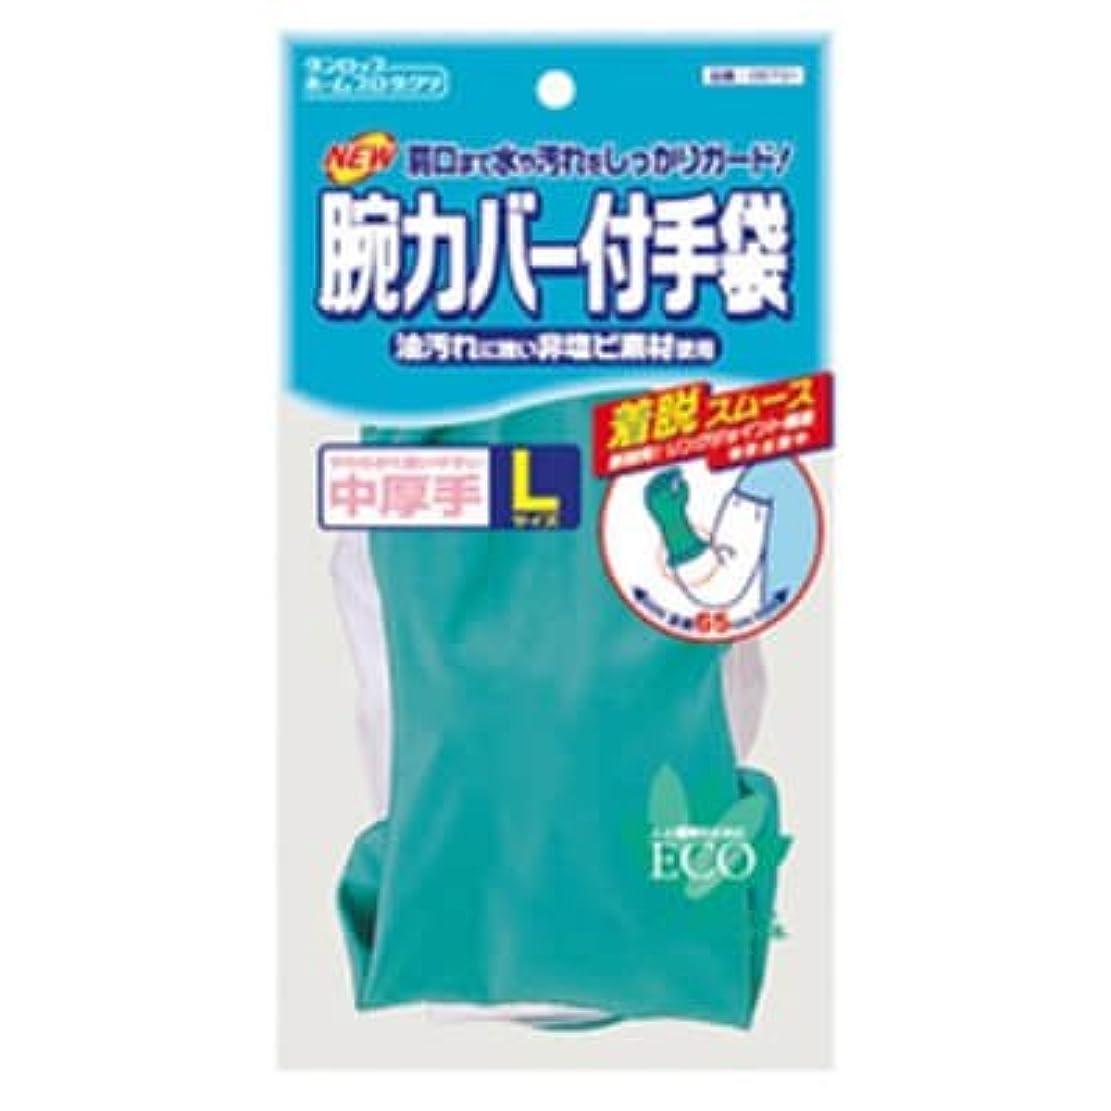 ベース追加するベル【ケース販売】 ダンロップ ニトリル中厚手 腕カバー付手袋 L グリーン (5双×12袋)